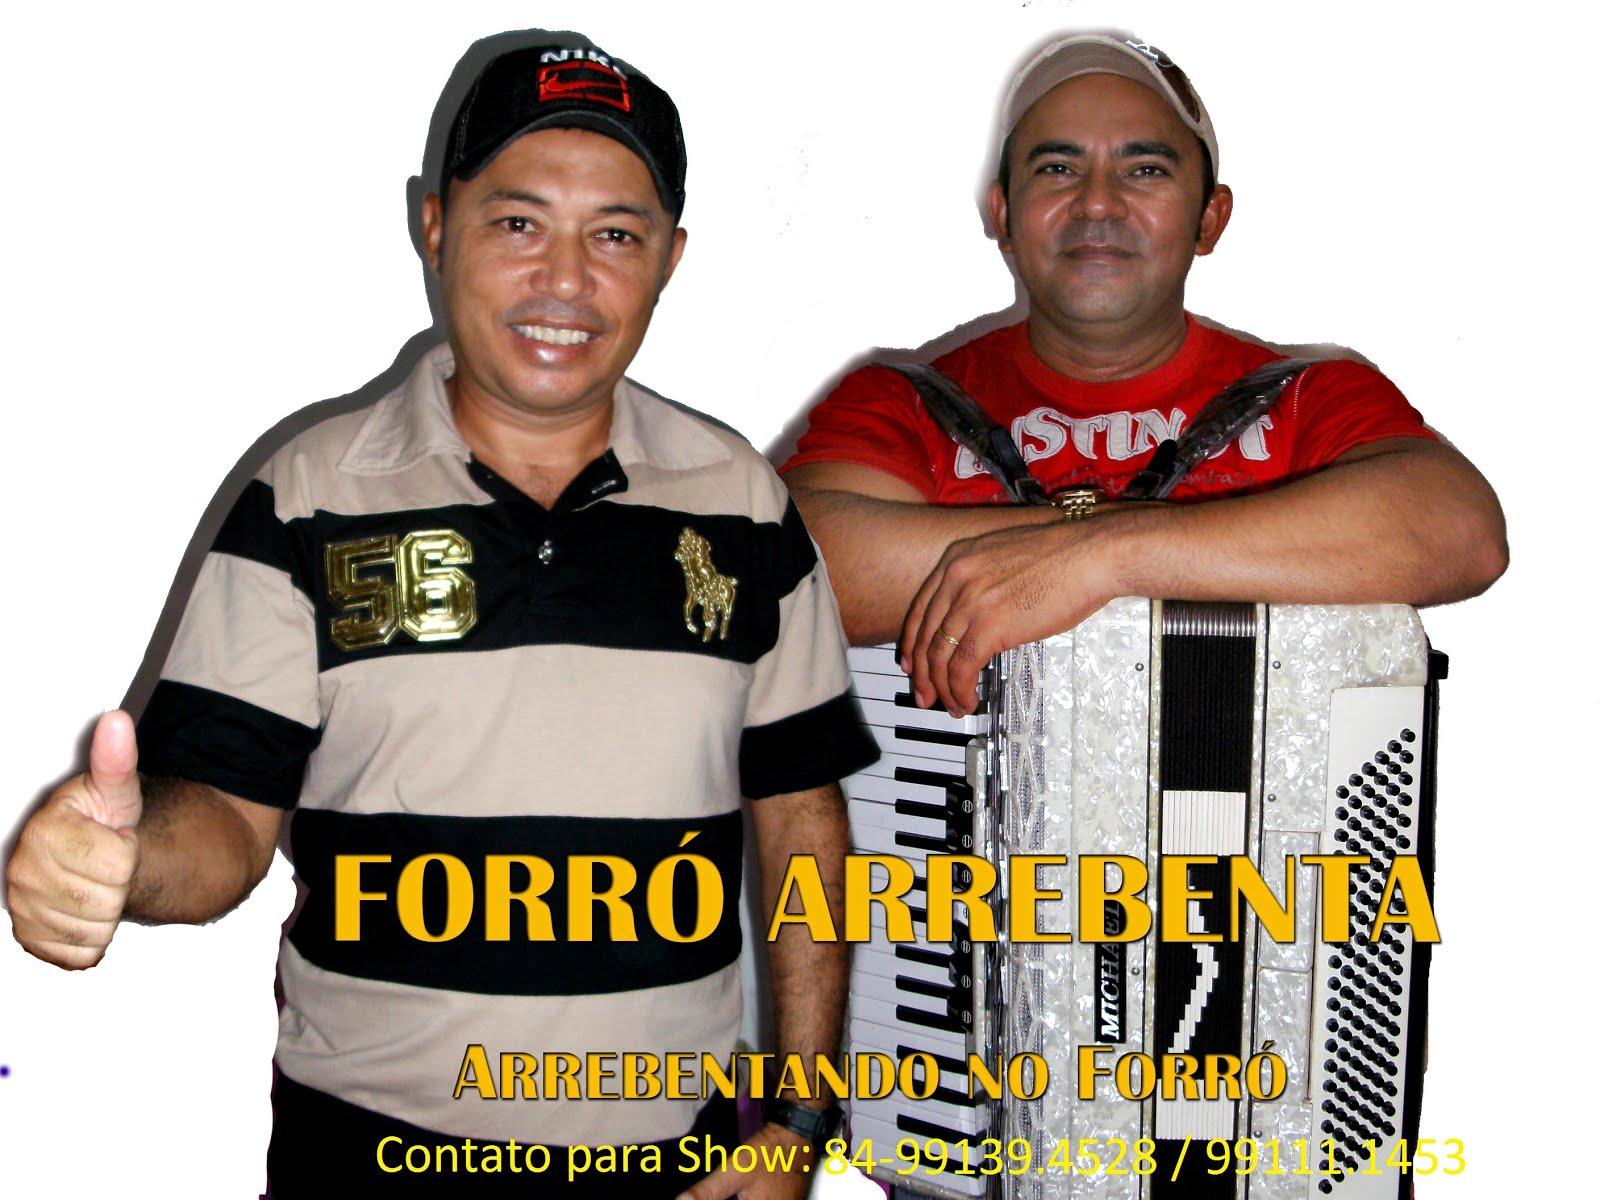 FORRO ARREBENTA